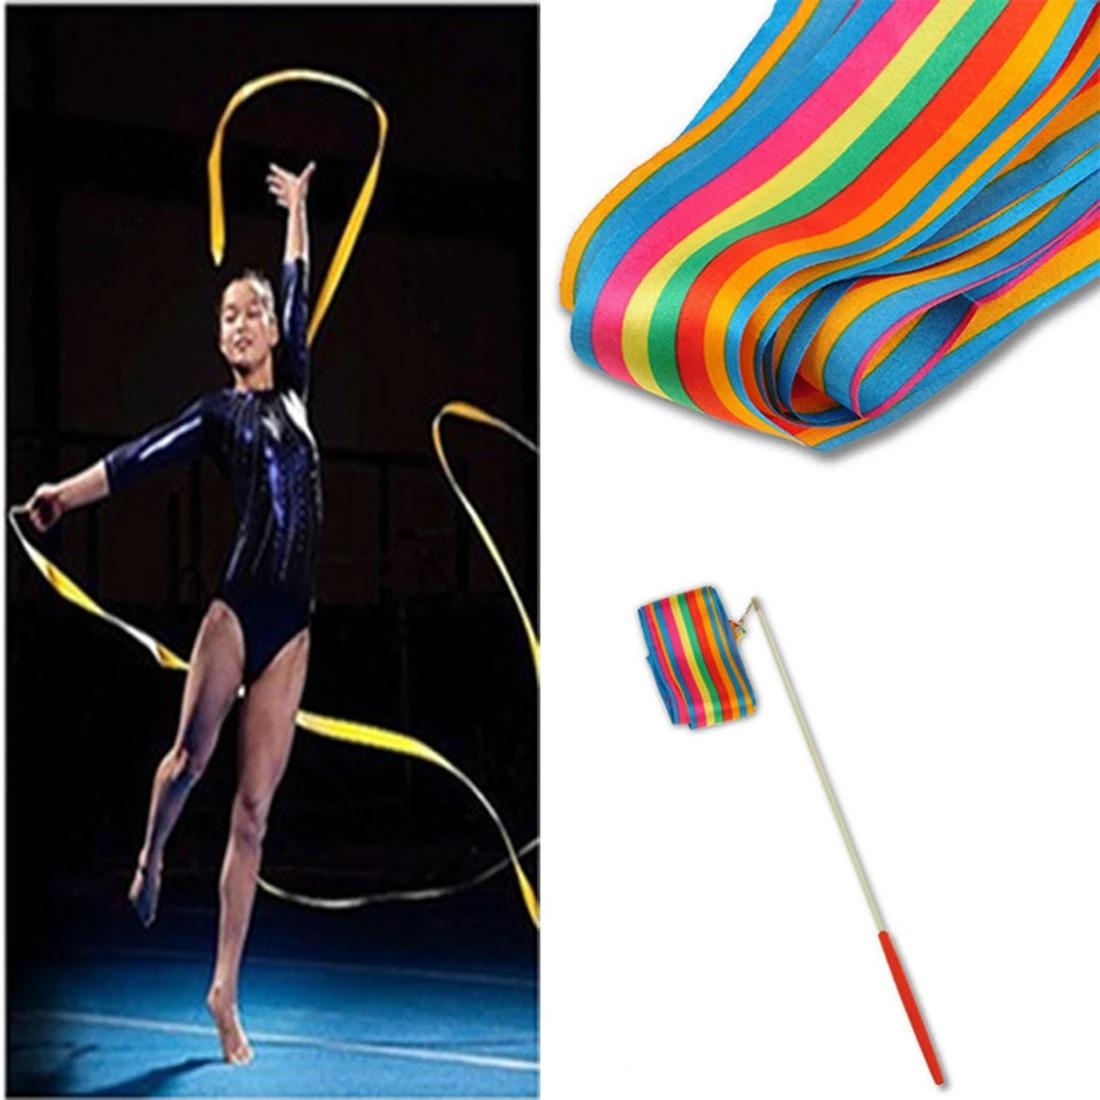 4M Dance Ribbon Gym Rhythmic Art Gymnastic Ballet Streamer SWIRL ROD 2019 K9W4